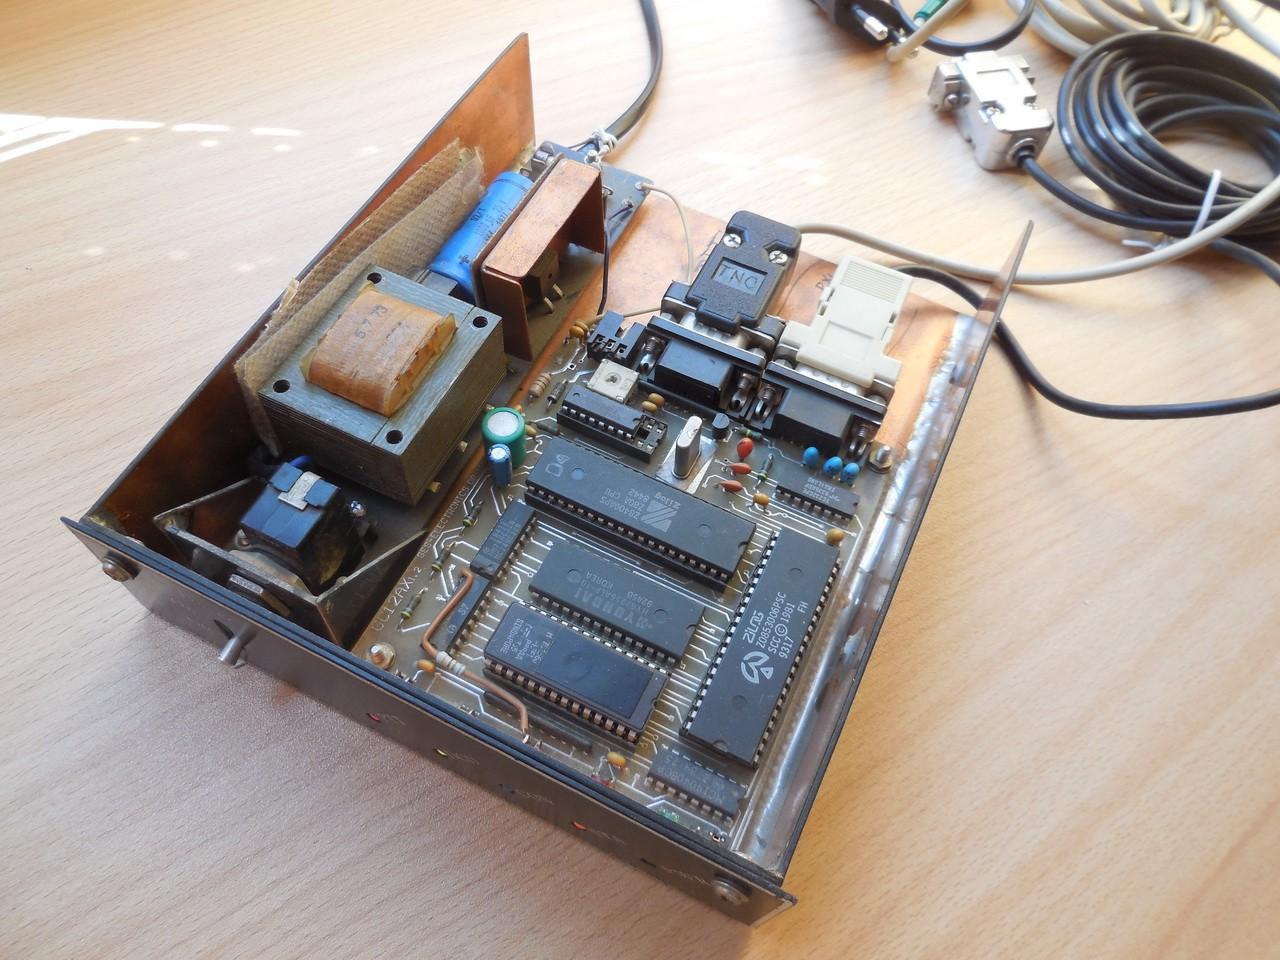 Packet Radio Modem (GES GC12AX) - Rezková Ludmila